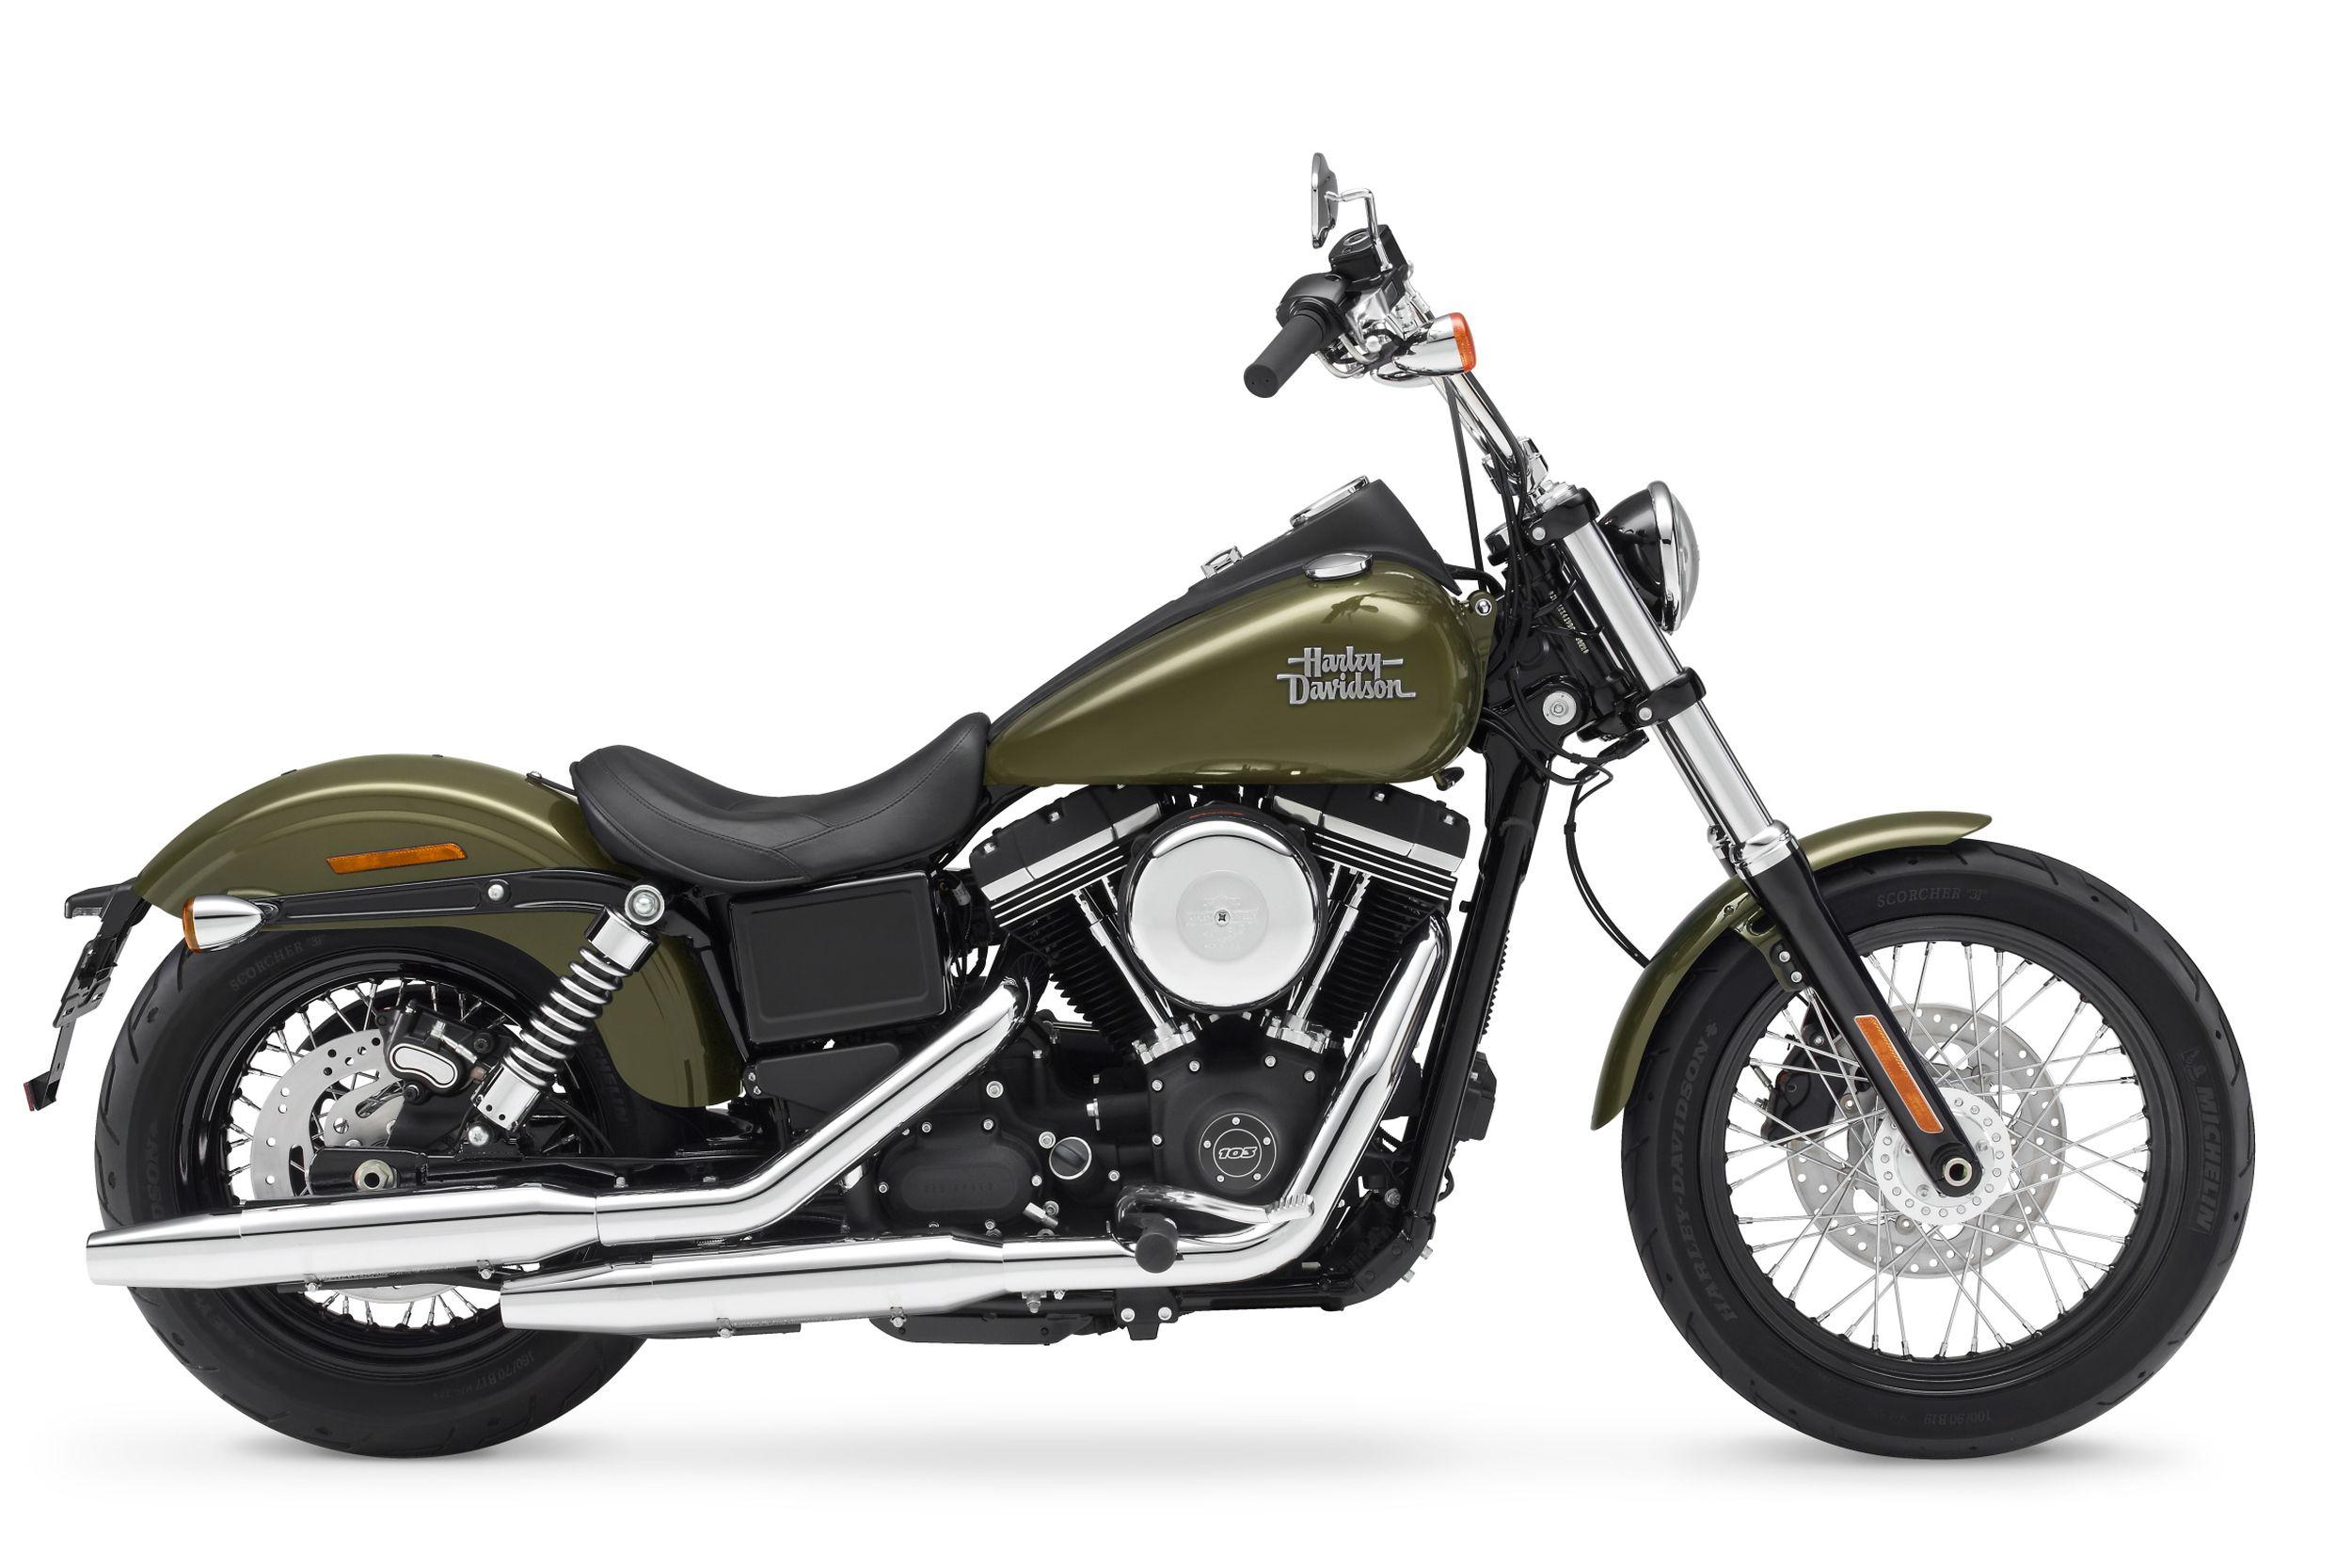 Gebrauchte und neue Harley-Davidson Dyna Street Bob FXDB Motorräder ...